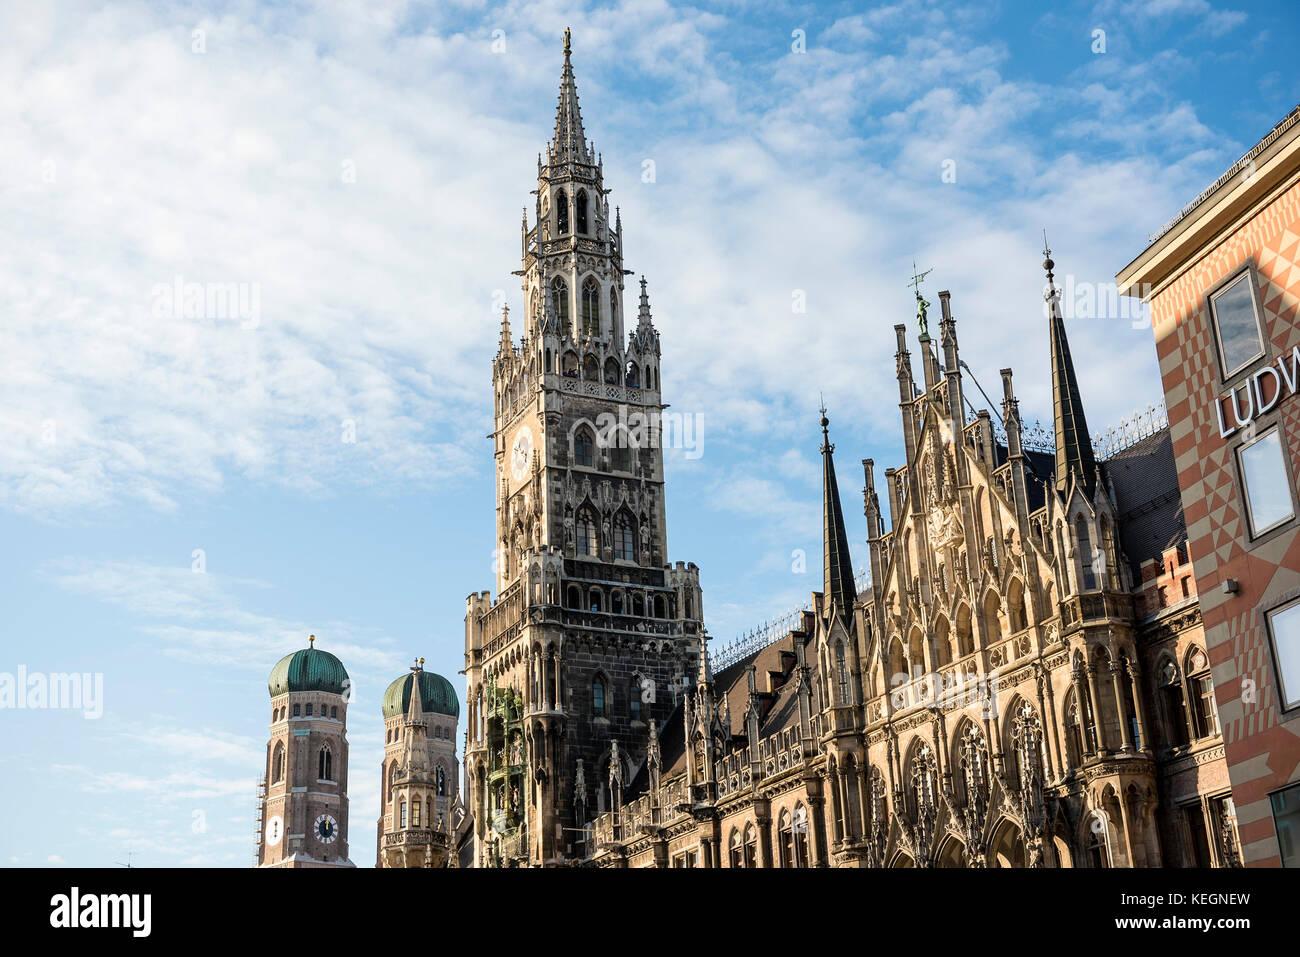 La Marienplatz mit Rathhaus und Frauenkirche, Munich, Bavière, Allemagne Photo Stock